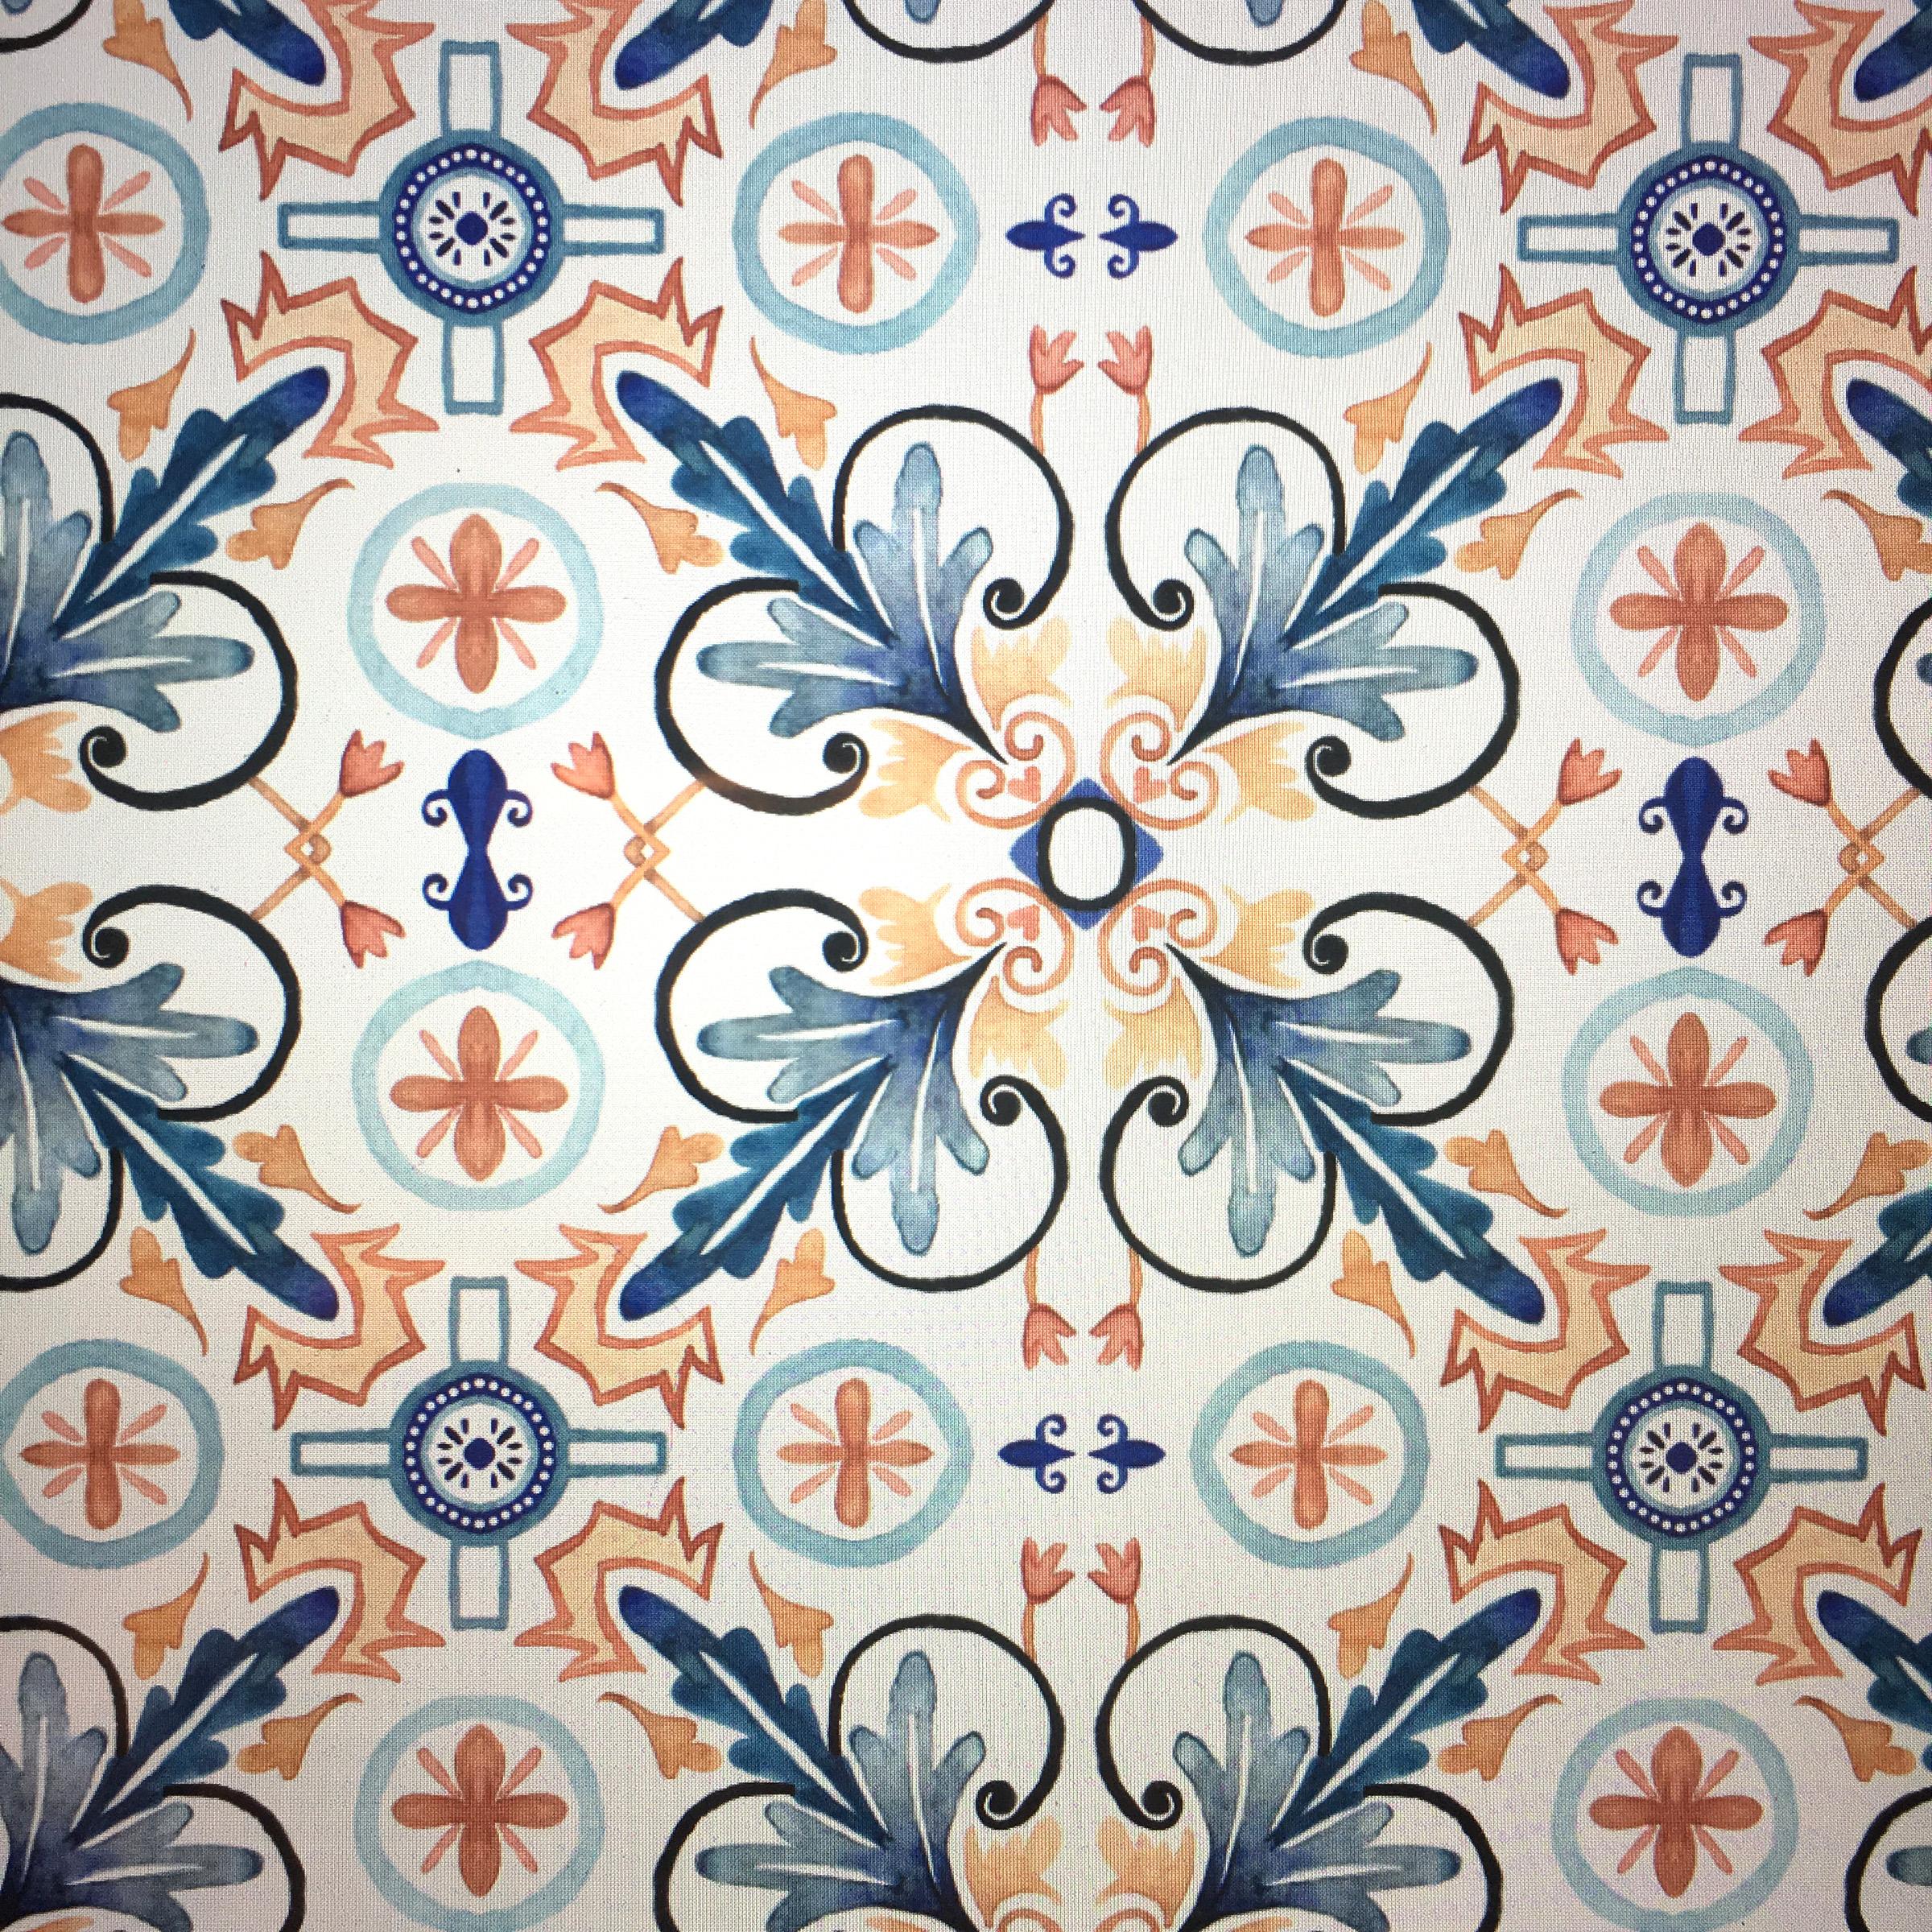 tile pattern.JPG